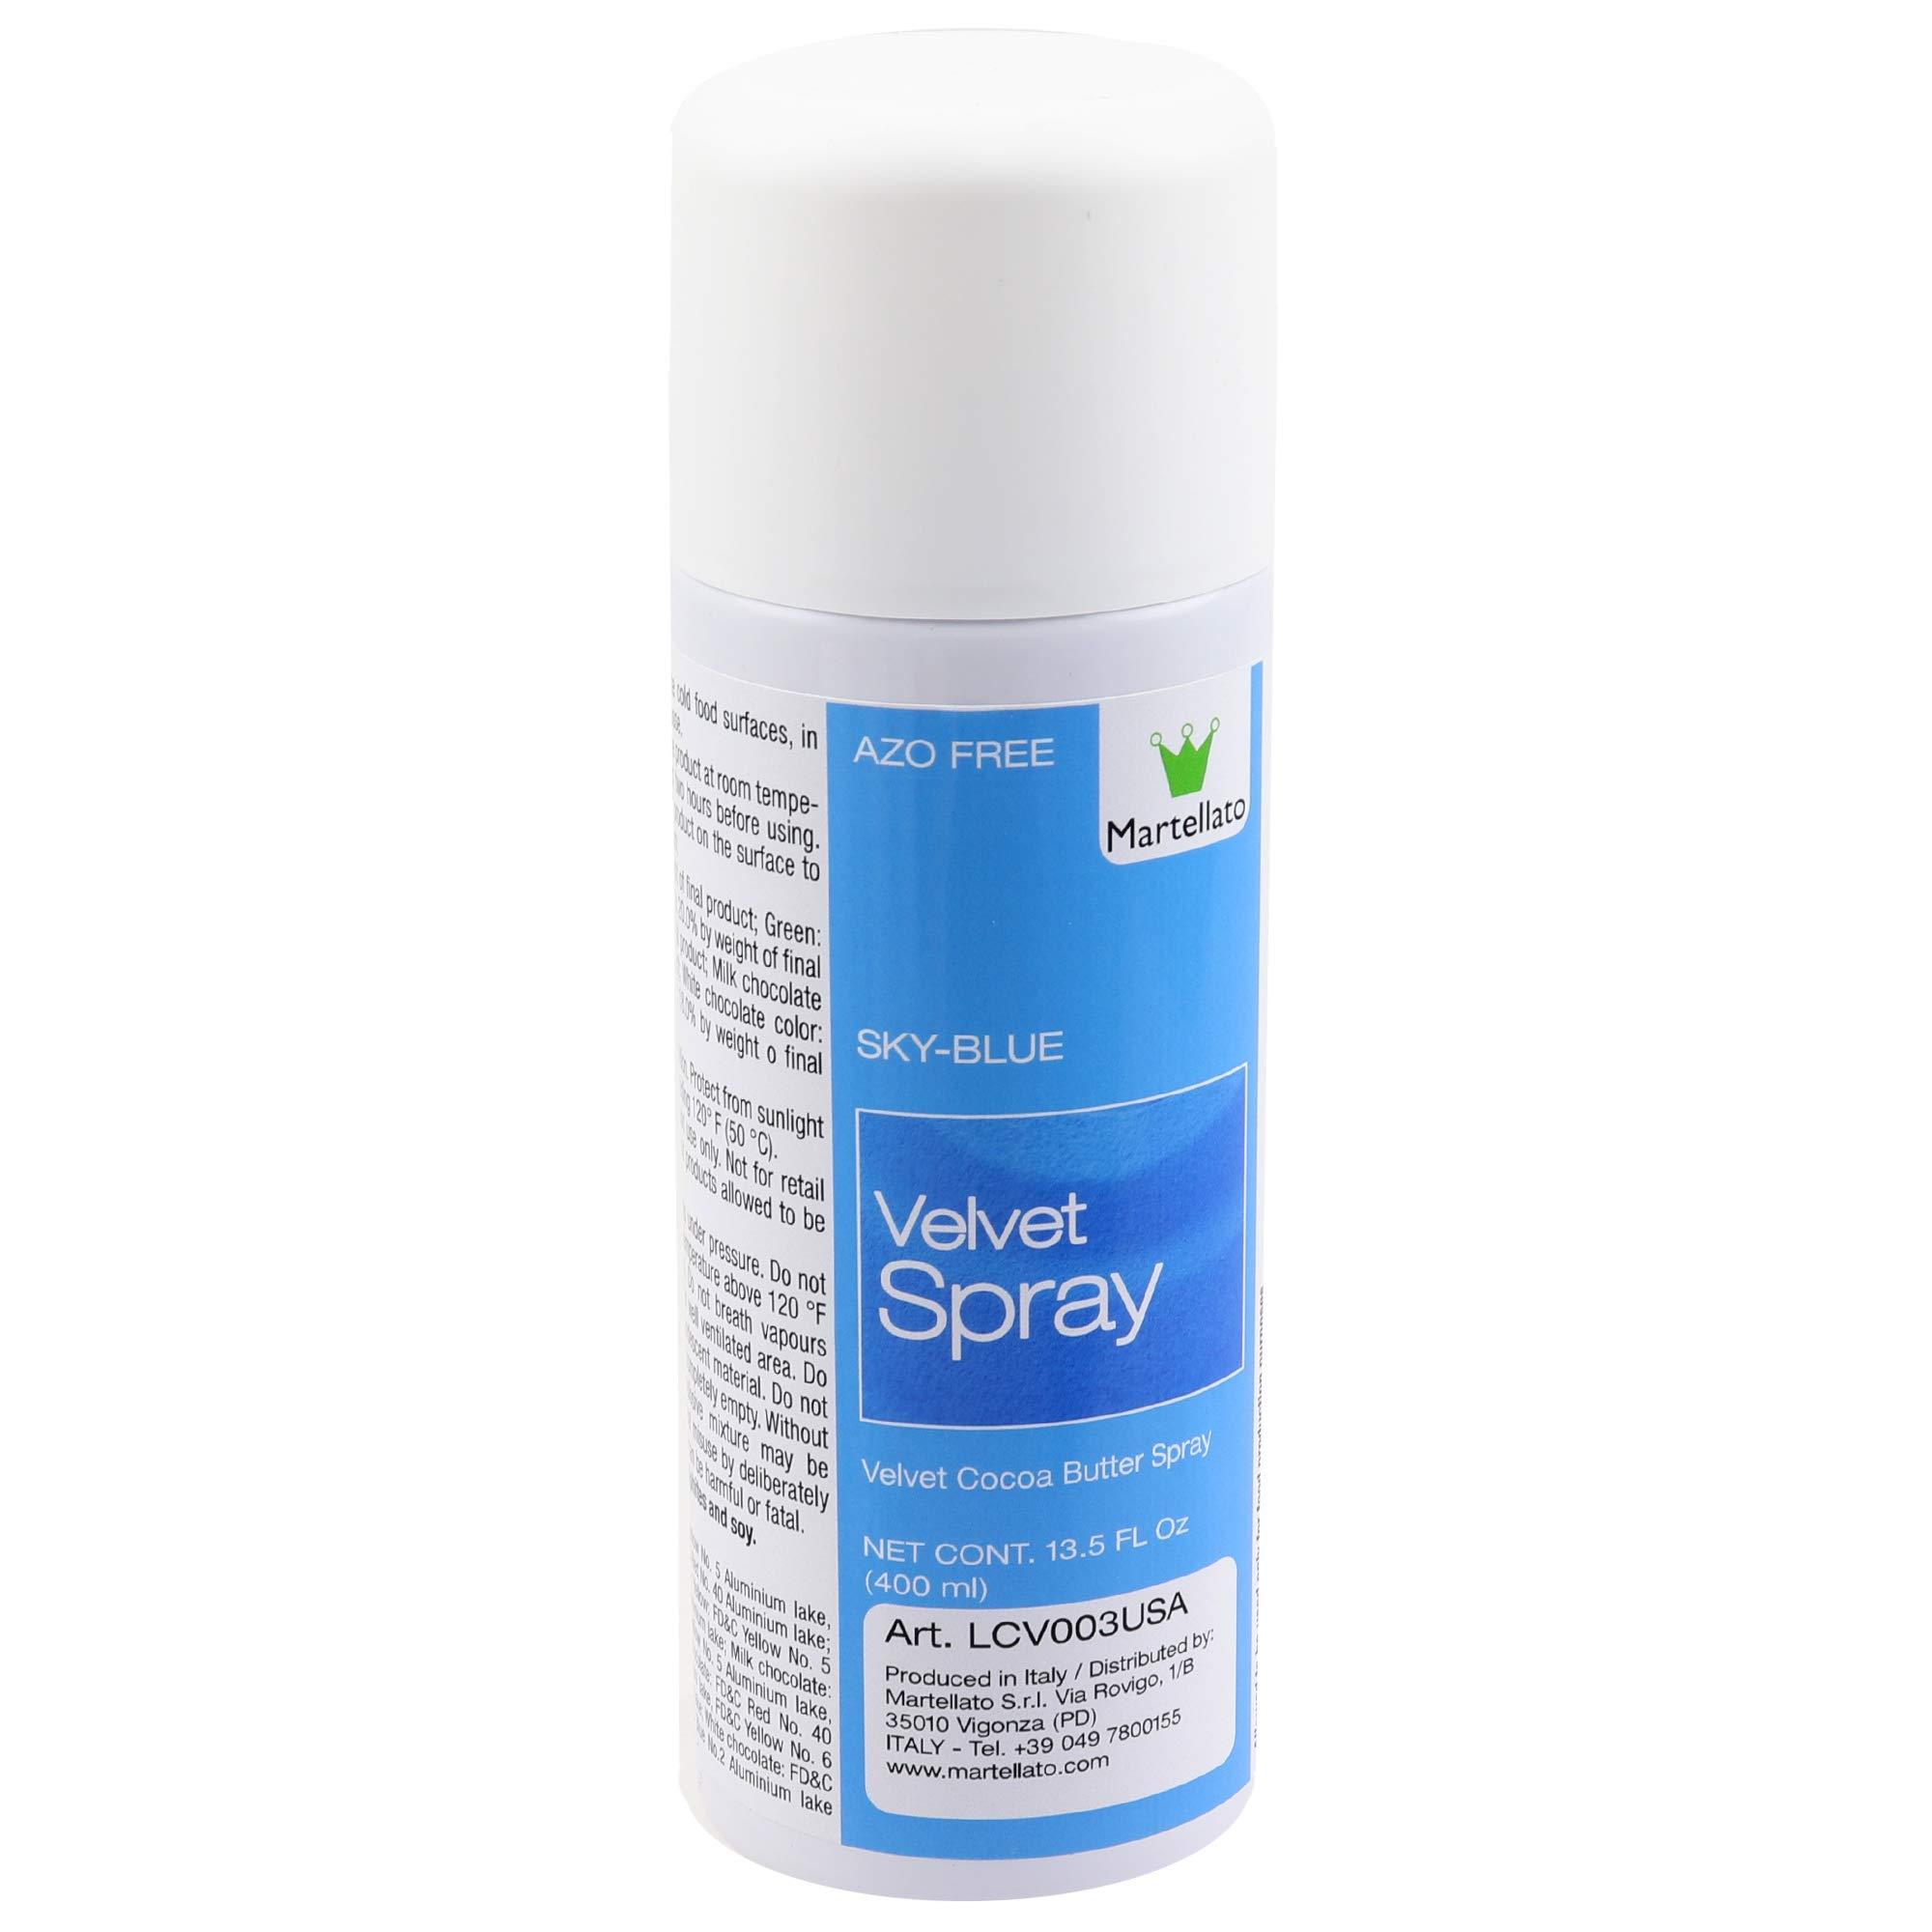 Martellato Sky Blue Velvet Spray 13.5 Ounce (400ml) by Martellato